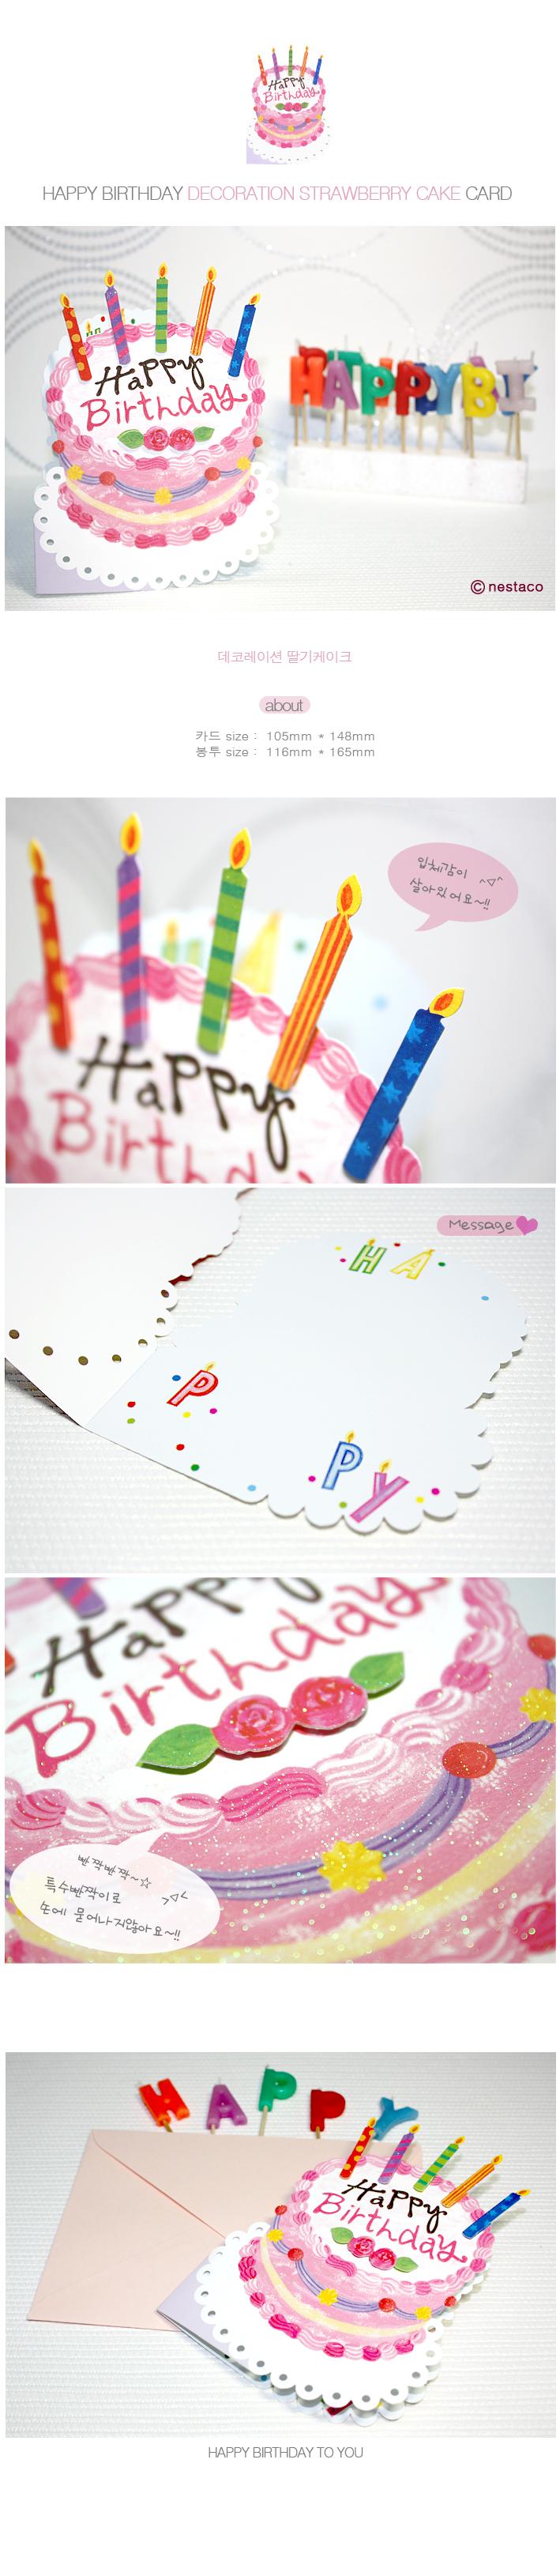 생일카드_Birthday_데코레이션 딸기케이크 - 상은랜드, 1,000원, 카드, 사랑/고백 카드